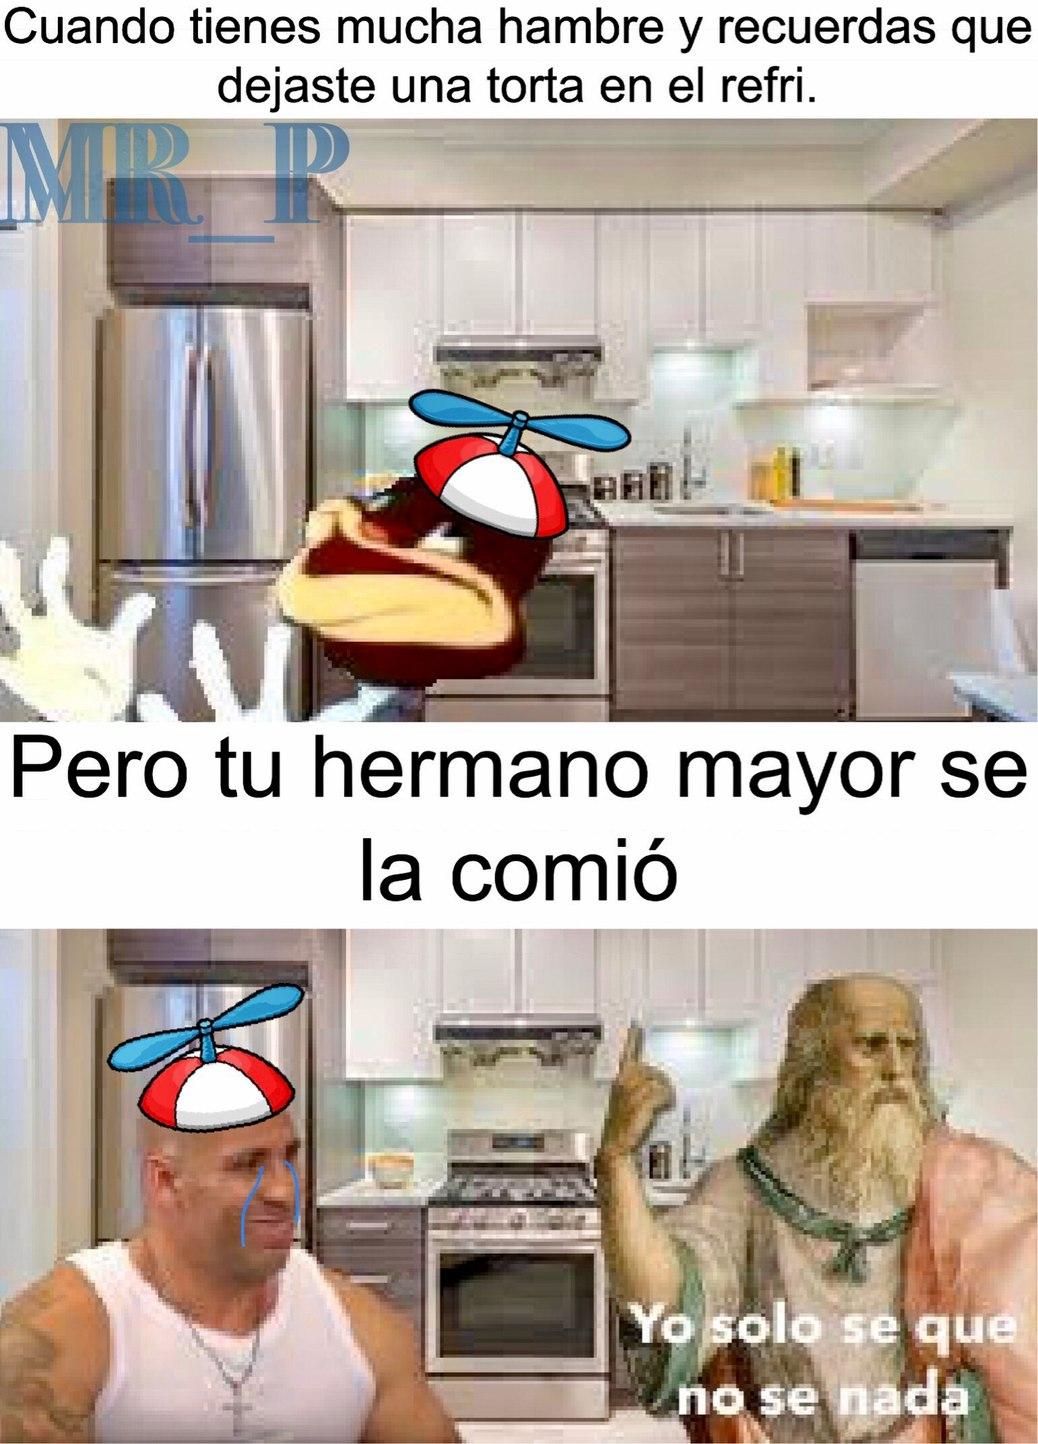 QUIEN SE COMIO MI TORTA!!!! - meme